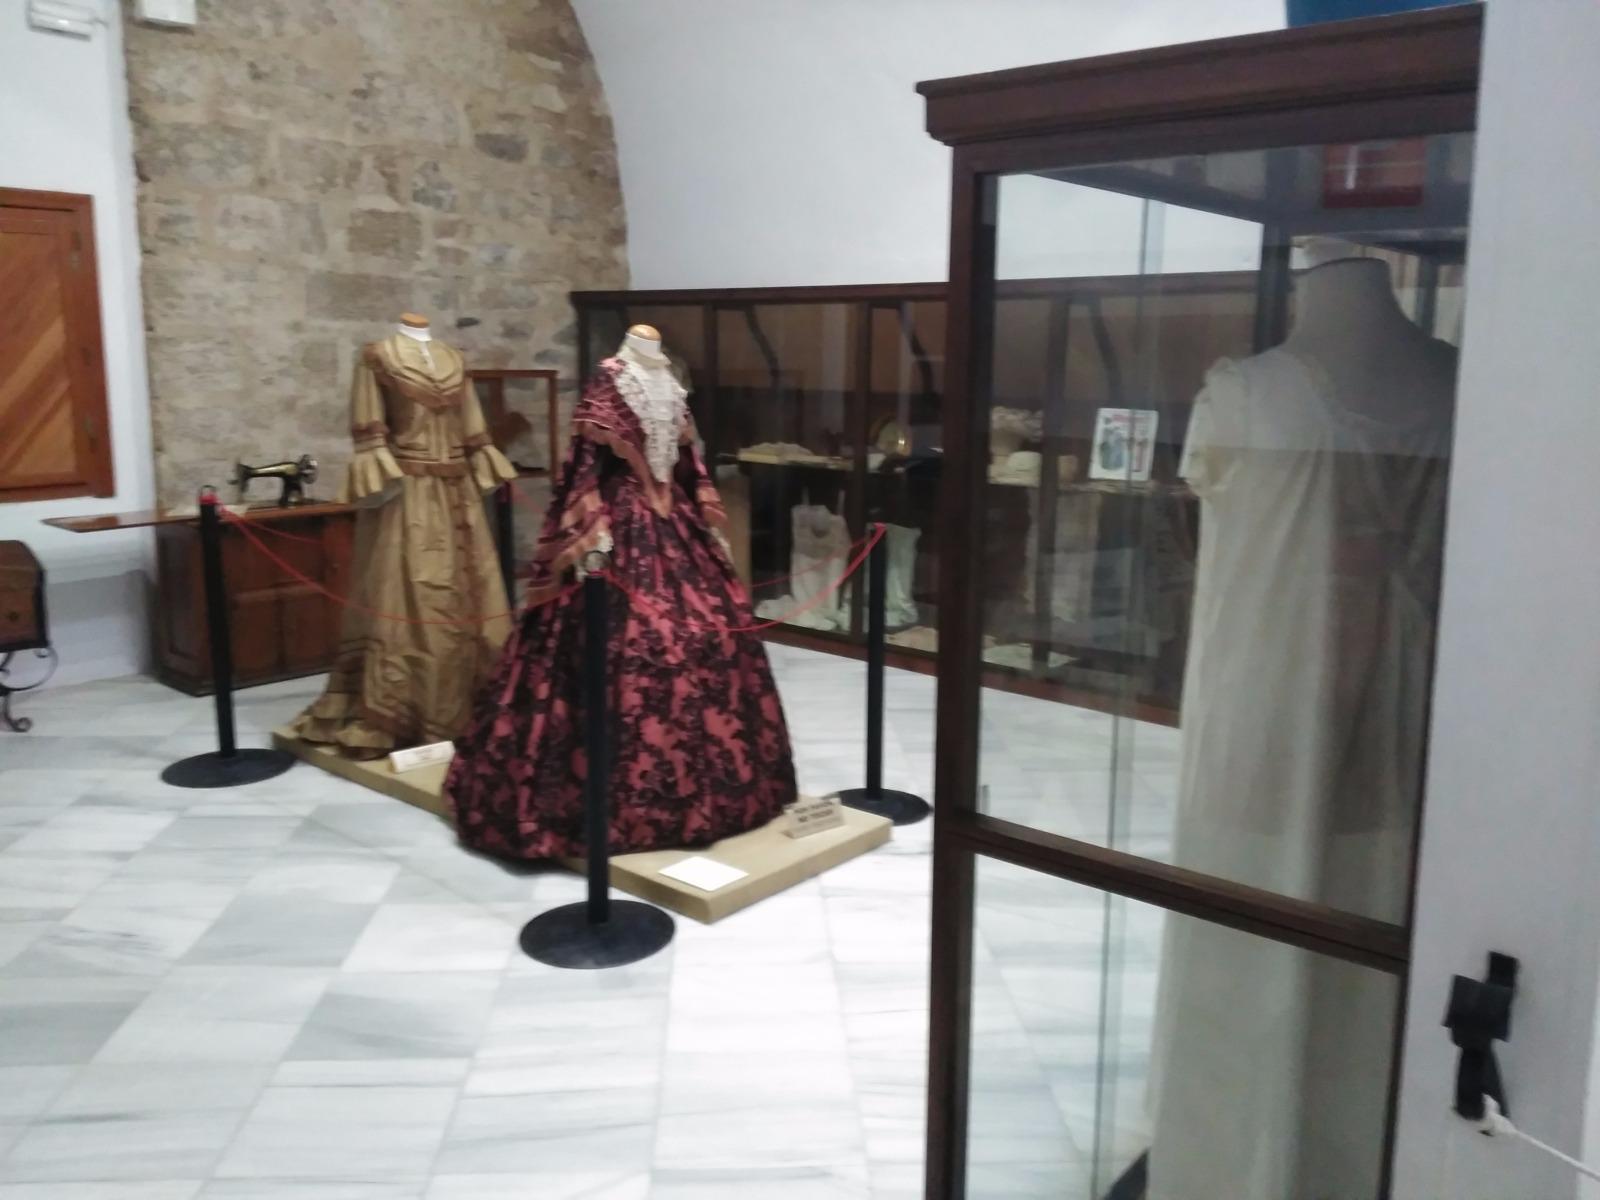 Museo Etnográfico.Extremeño.González Santana.Olivenza.Proyecto 'El Olor del Arte'